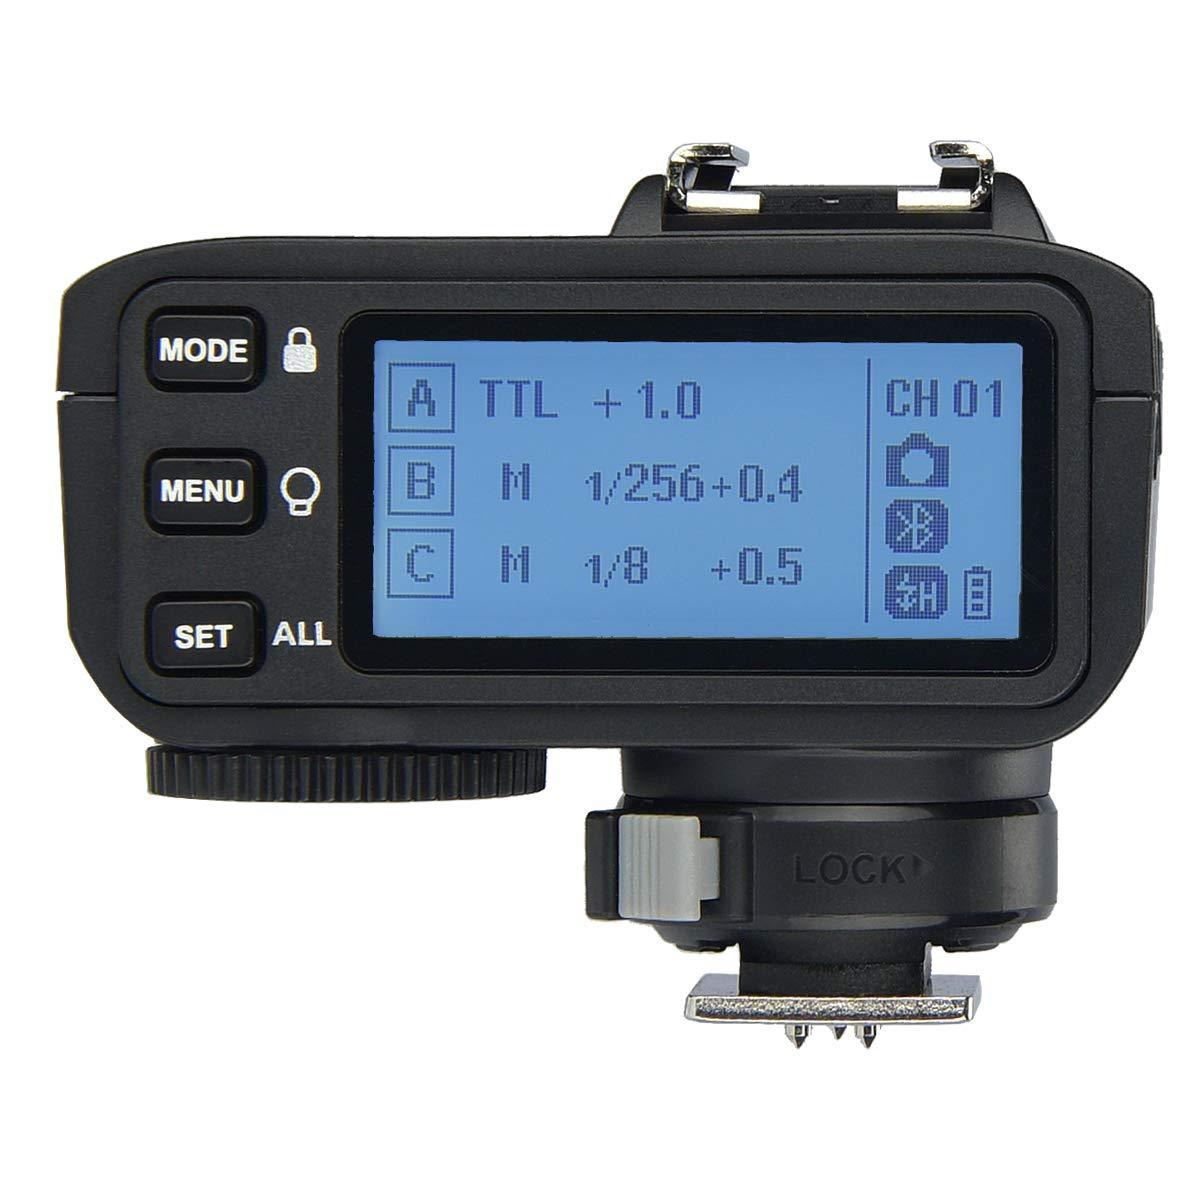 Godox X2T-S TTL Wireless Flash Trigger 1/8000s HSS TTL, Phone APP Adjustment, Compatible Sony (X2T-S) by Godox (Image #4)